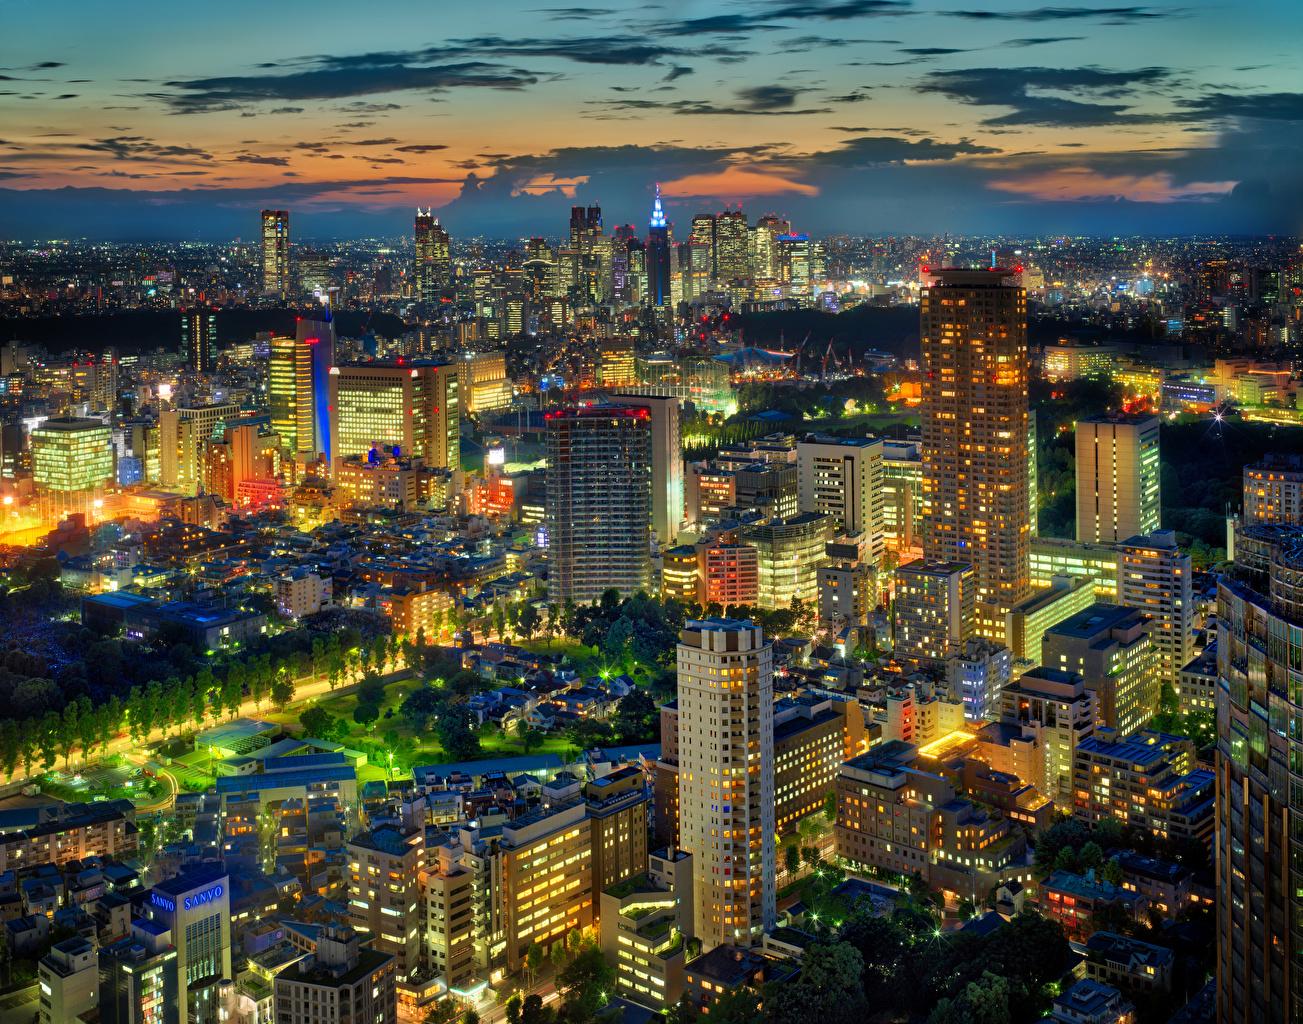 Картинка Токио Япония Мегаполис Ночные Небоскребы Дома Города Ночь Здания